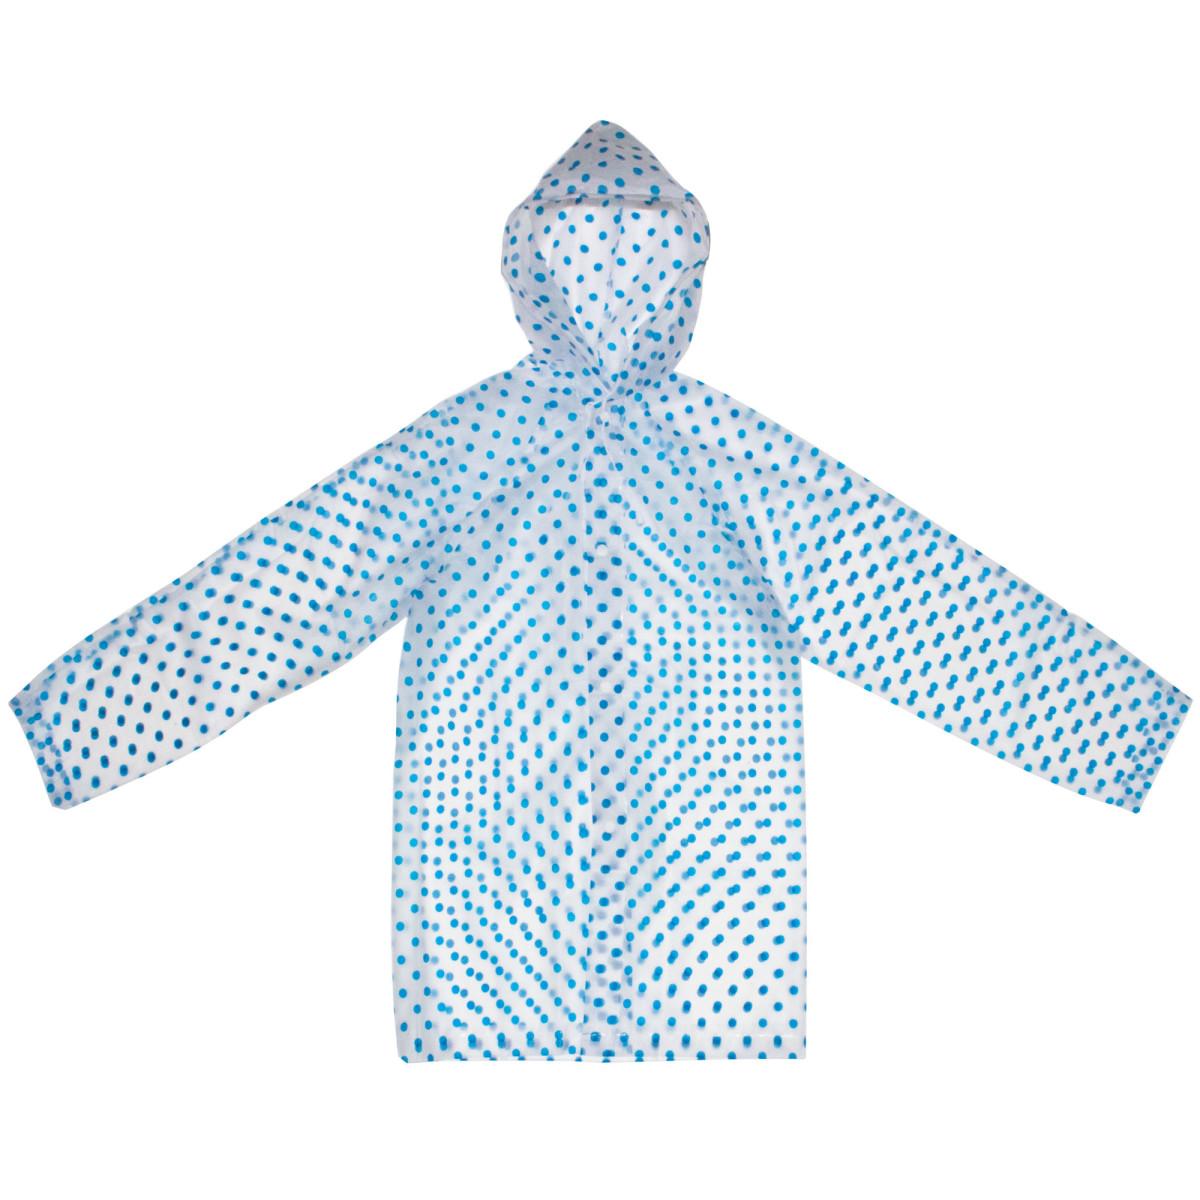 Плащ-дождевик детский размер S цвет синий горох